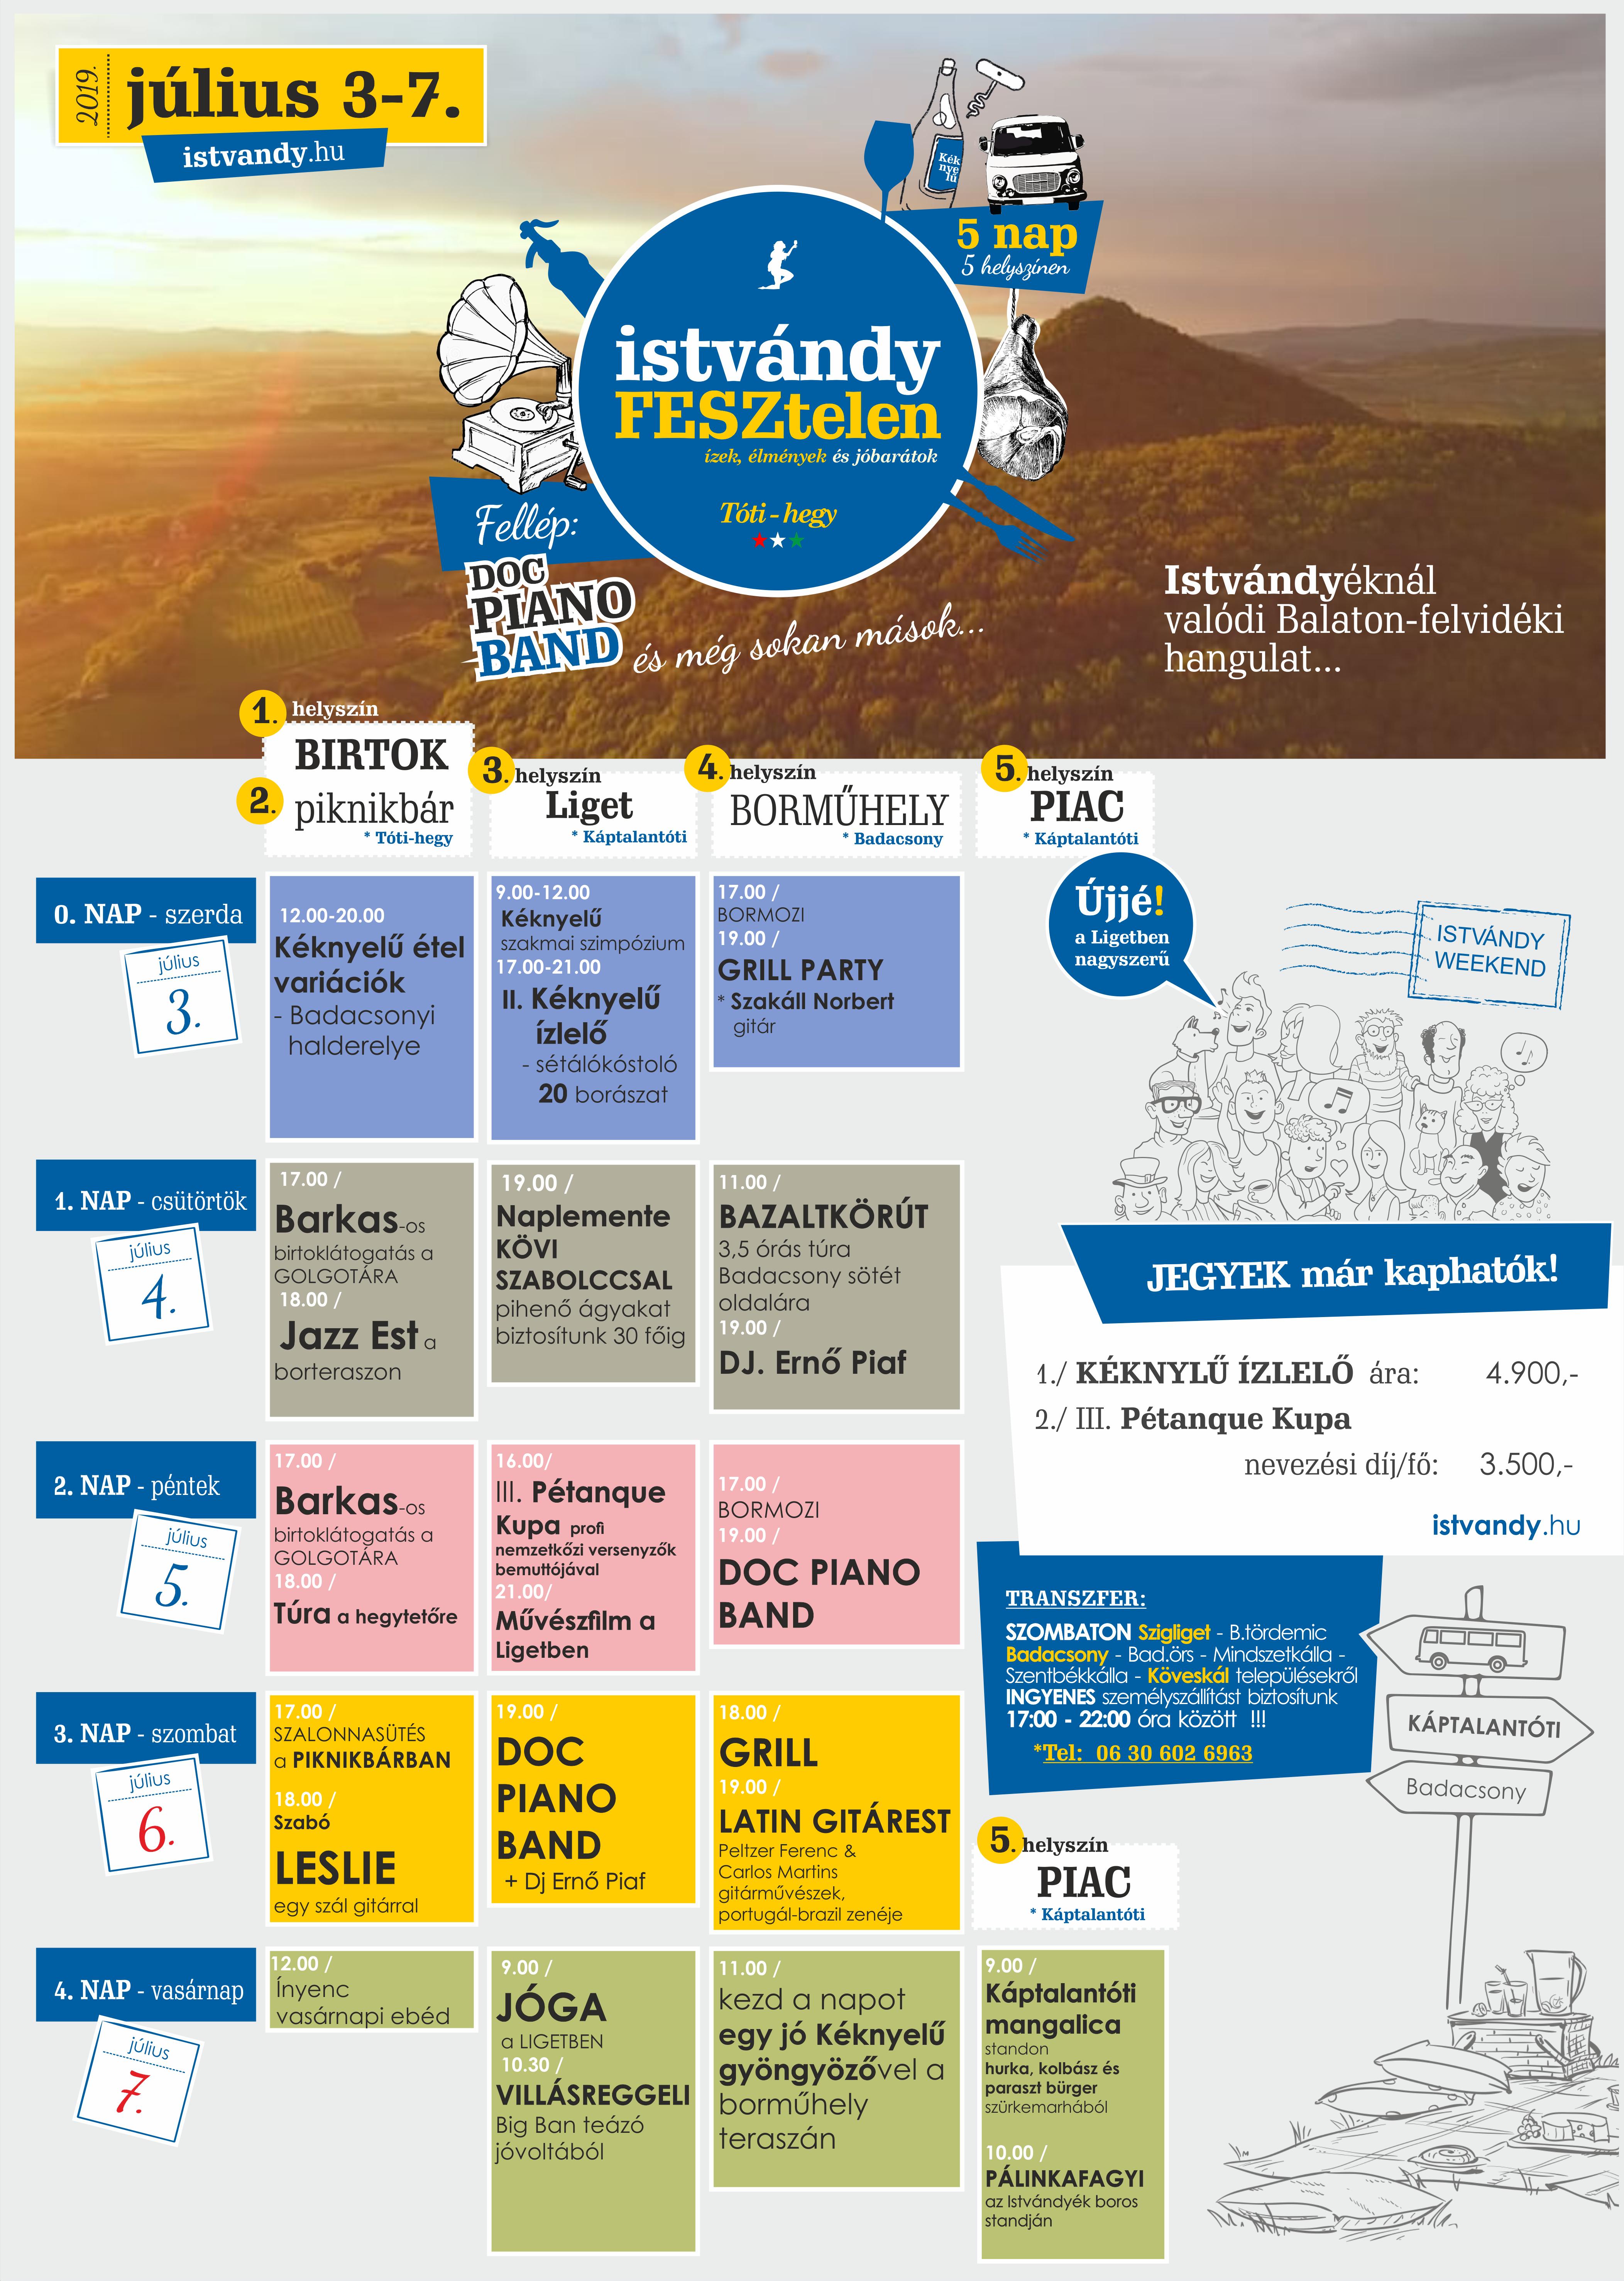 2019_istvandy_fesztelen_programok.png